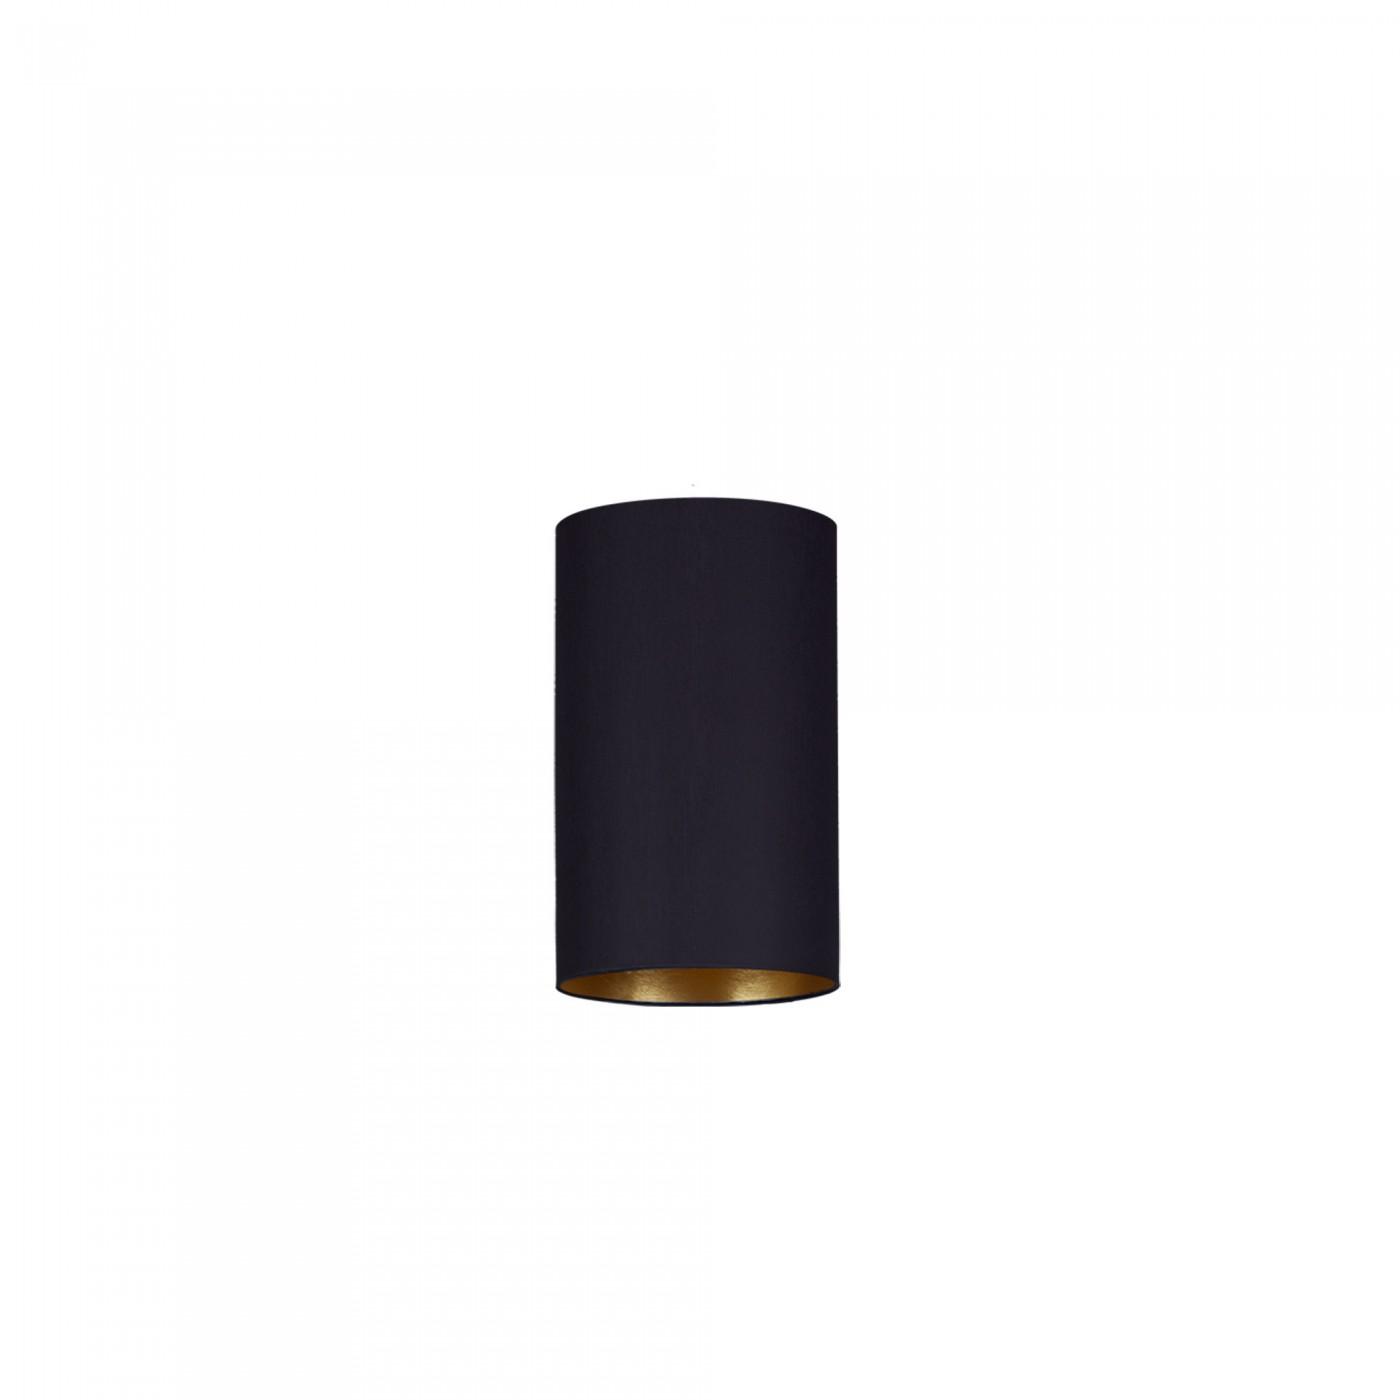 CAMELEON BARREL THIN S BL/G 8524 Nowodvorski Lighting